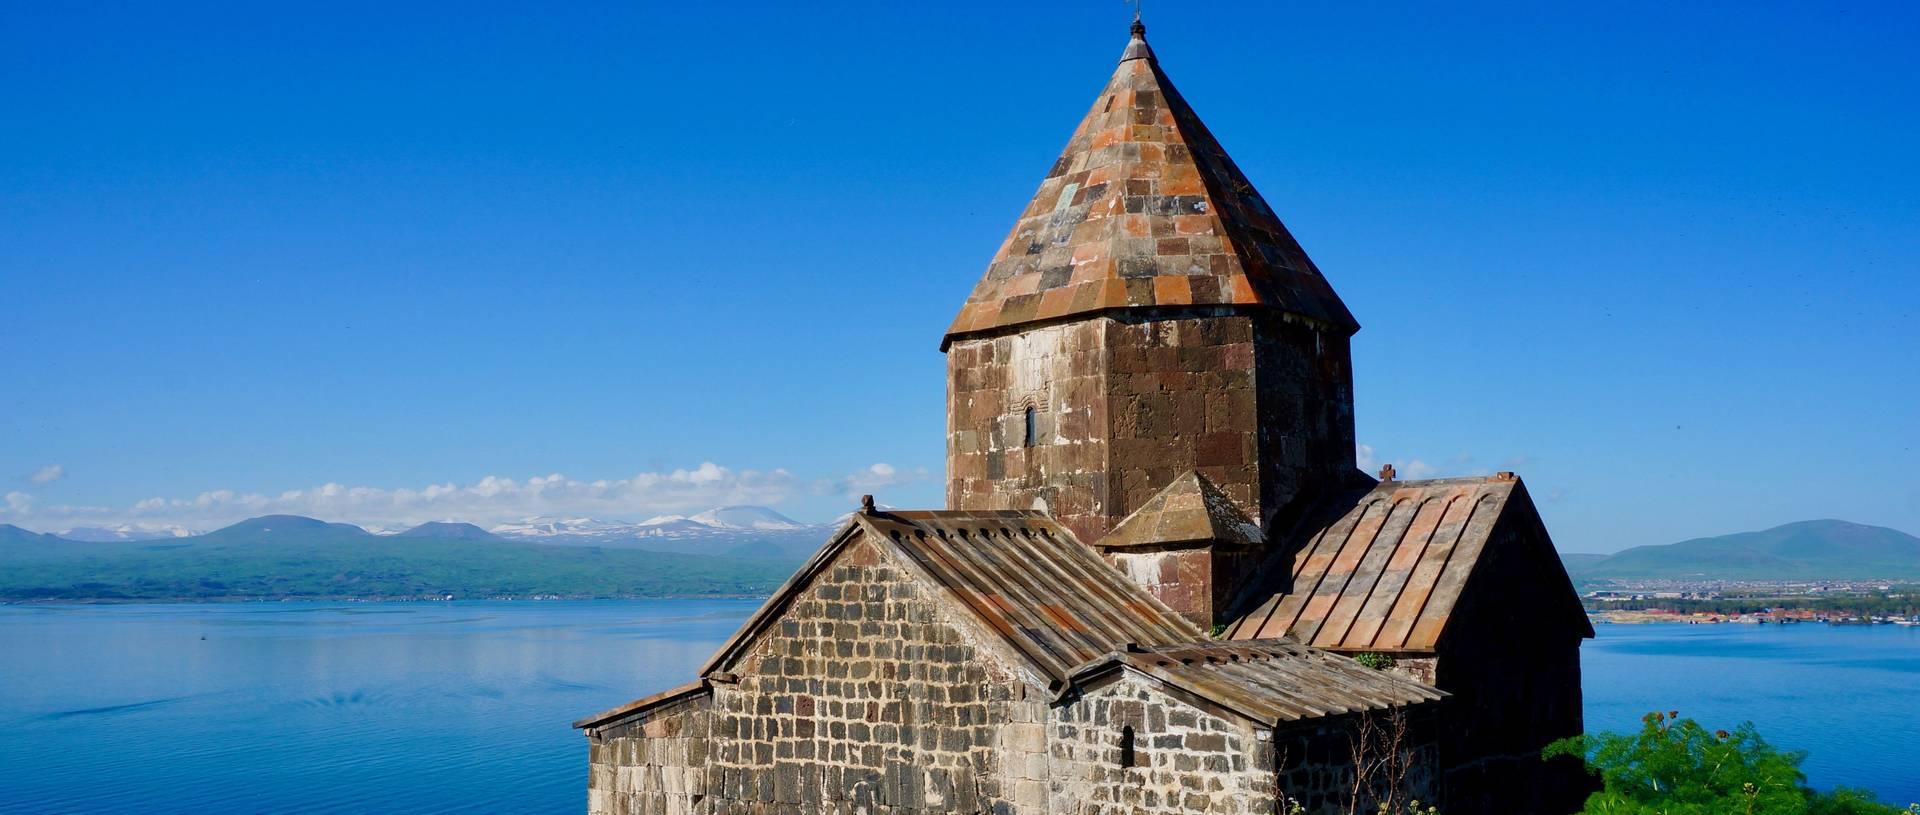 Sevanavank Monastery Overlooking Lake Sevan.